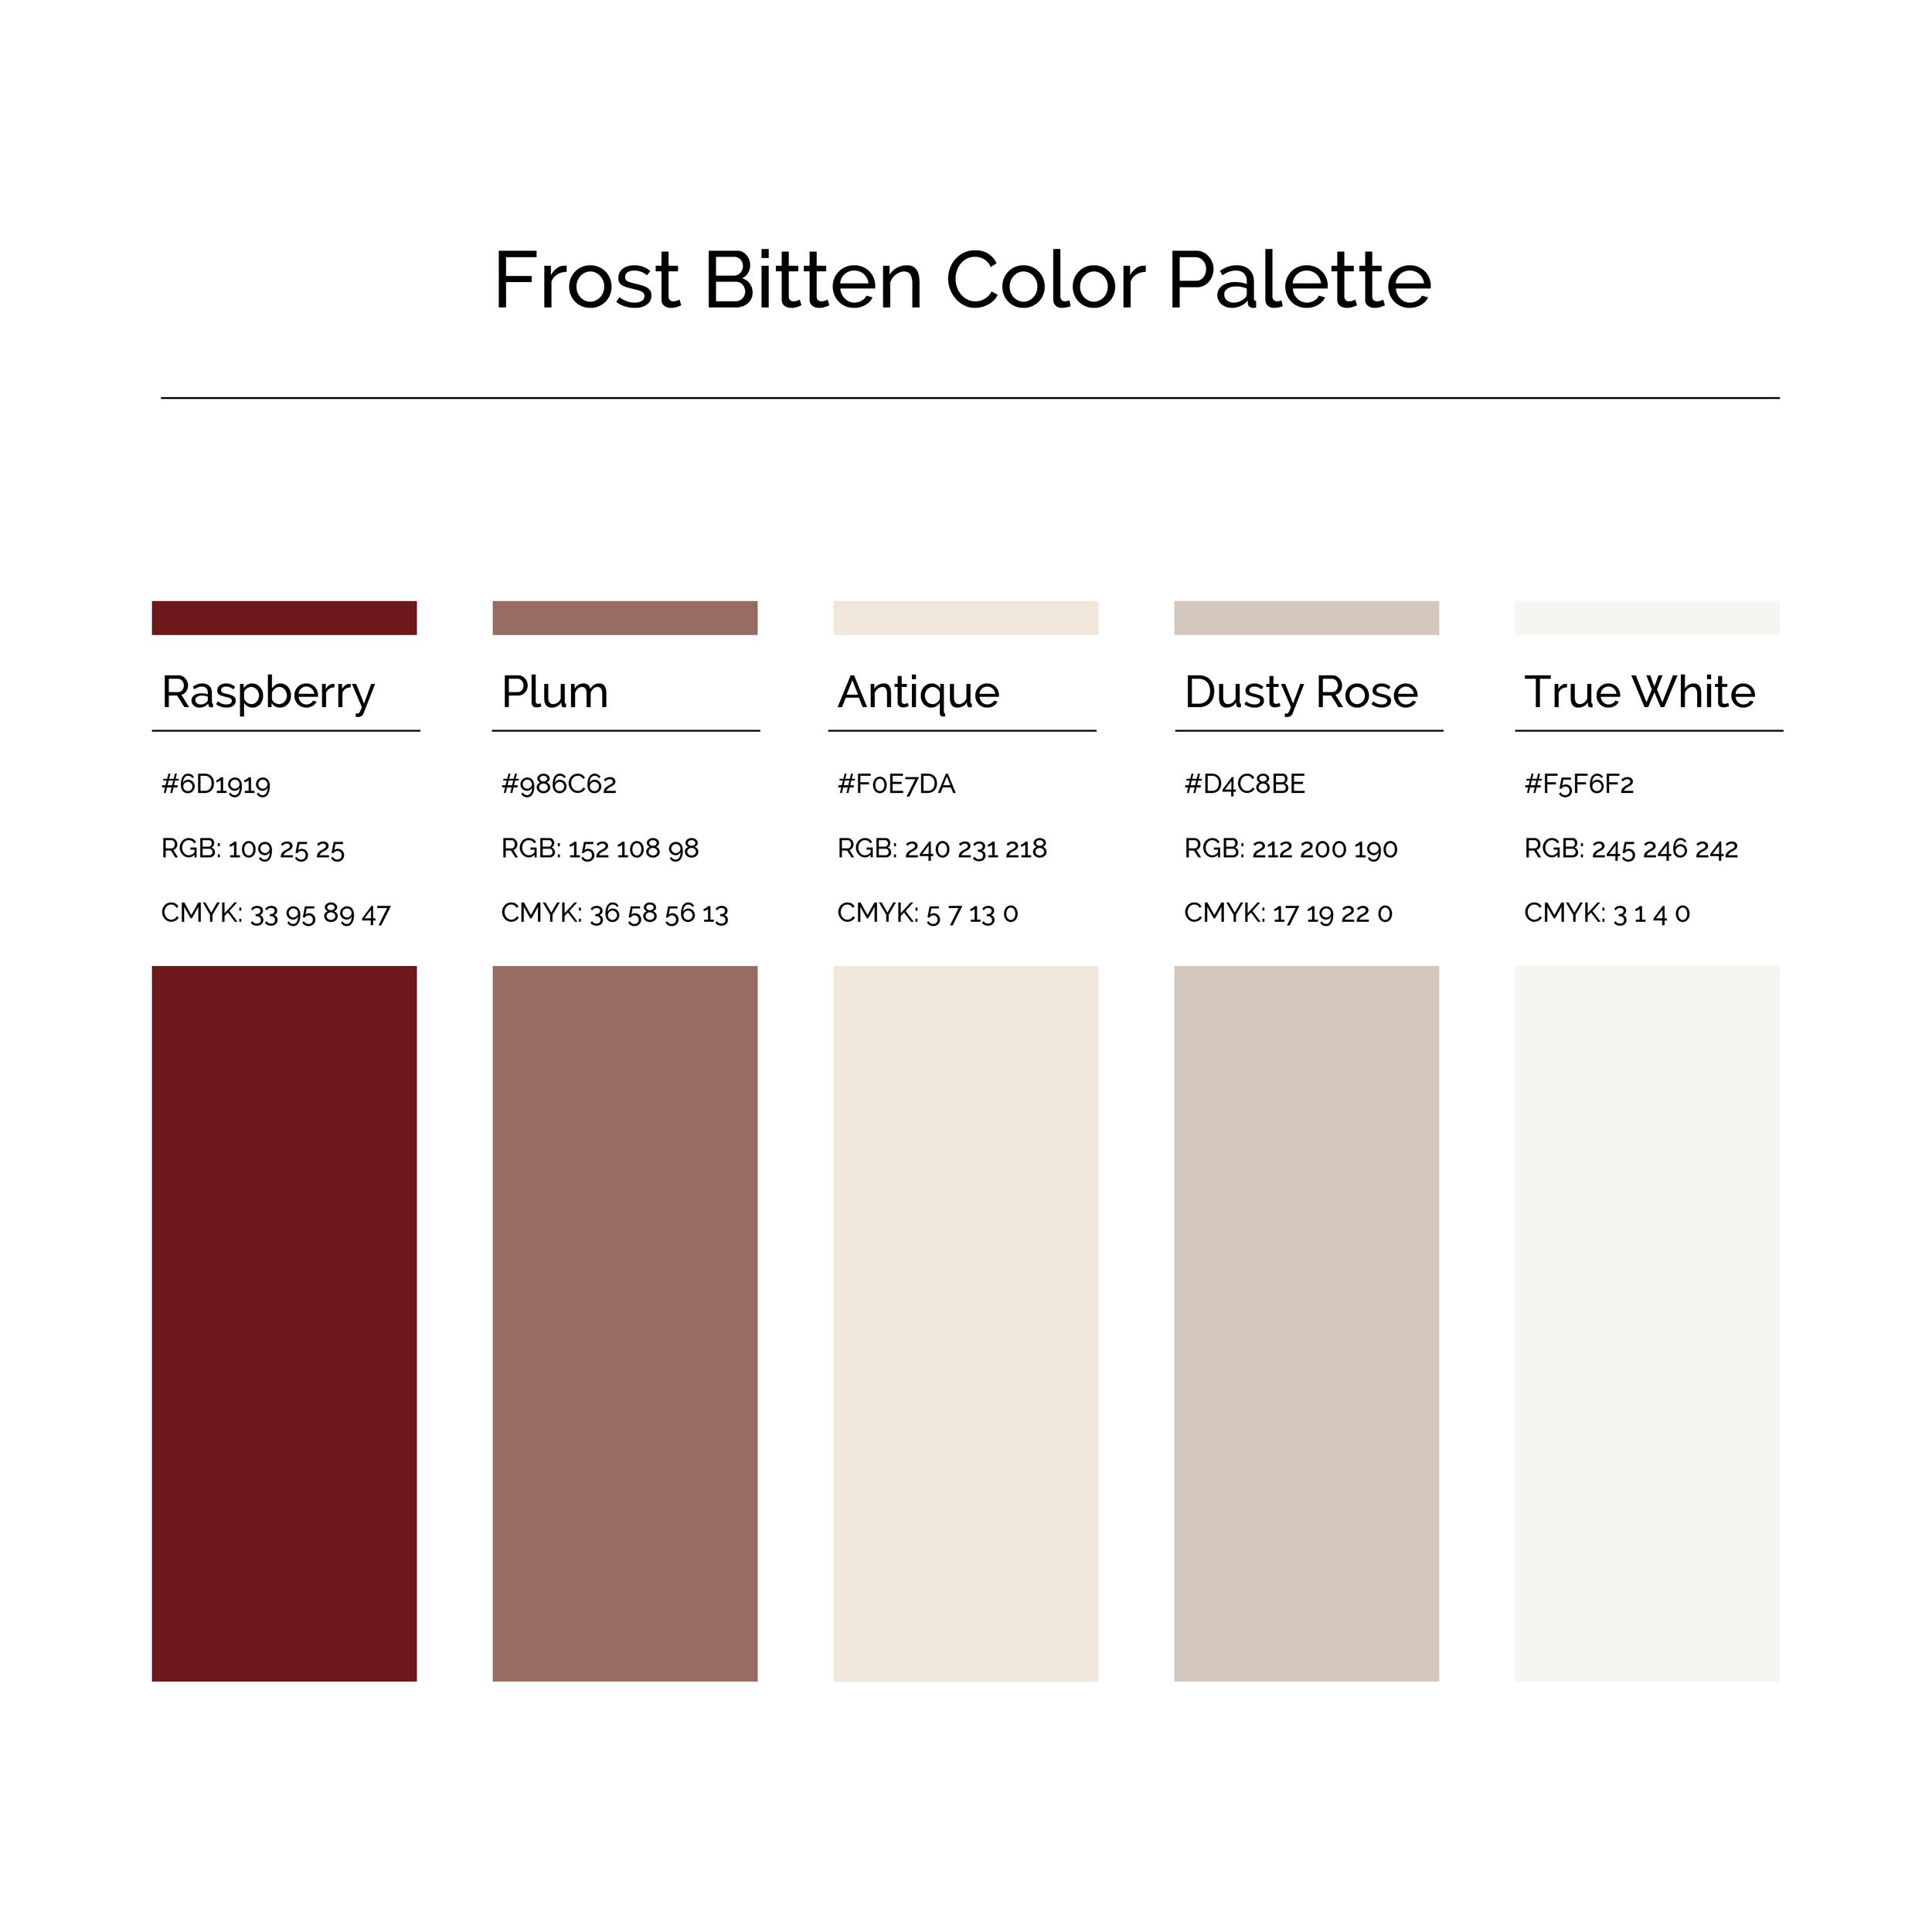 15 More Color Palettes | Frost Bitten Color Palette